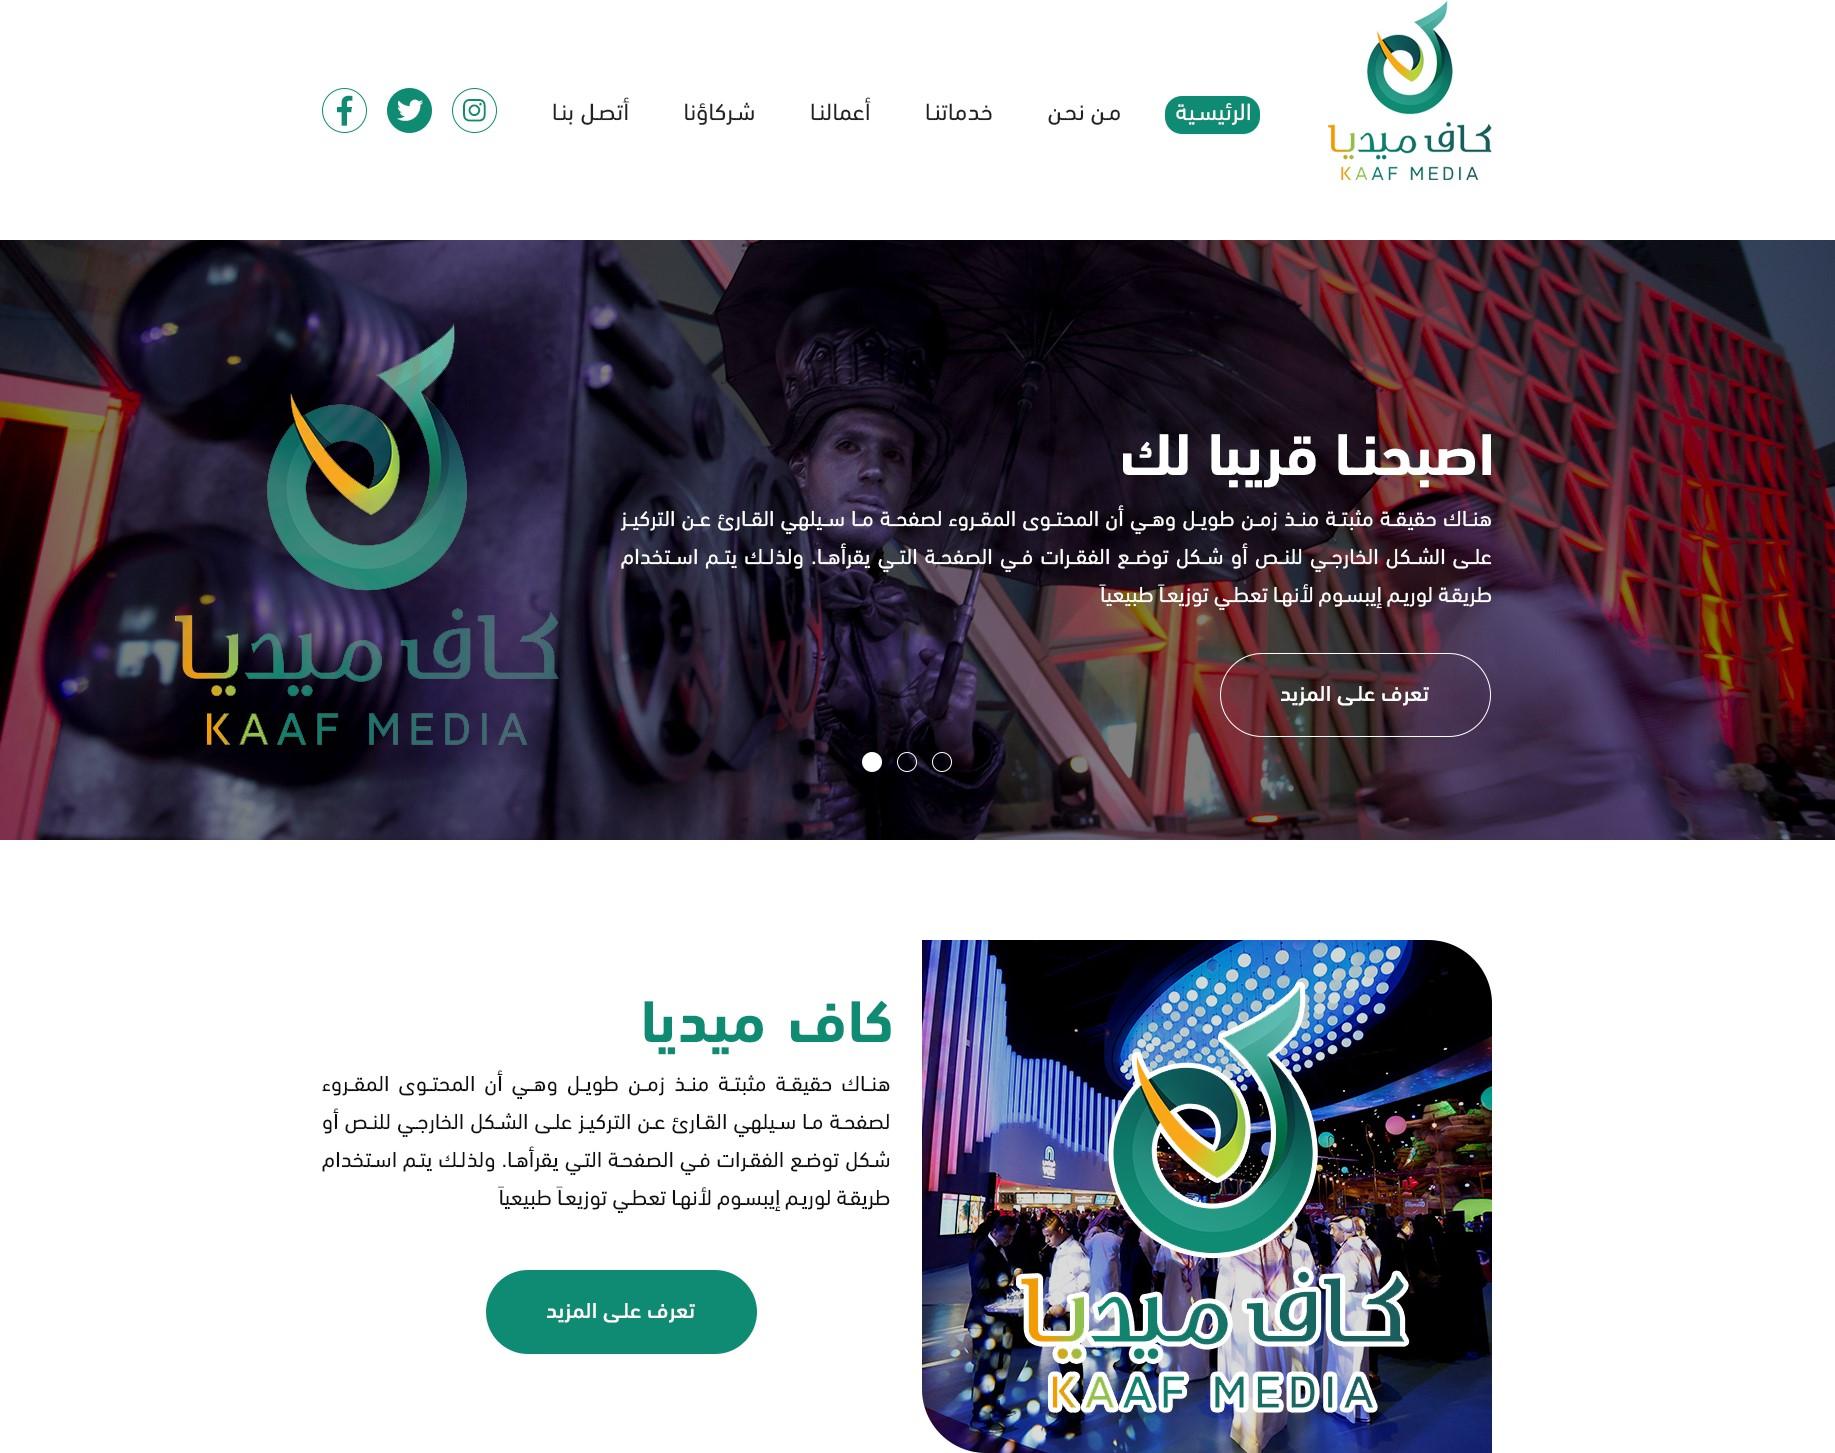 K-Media website